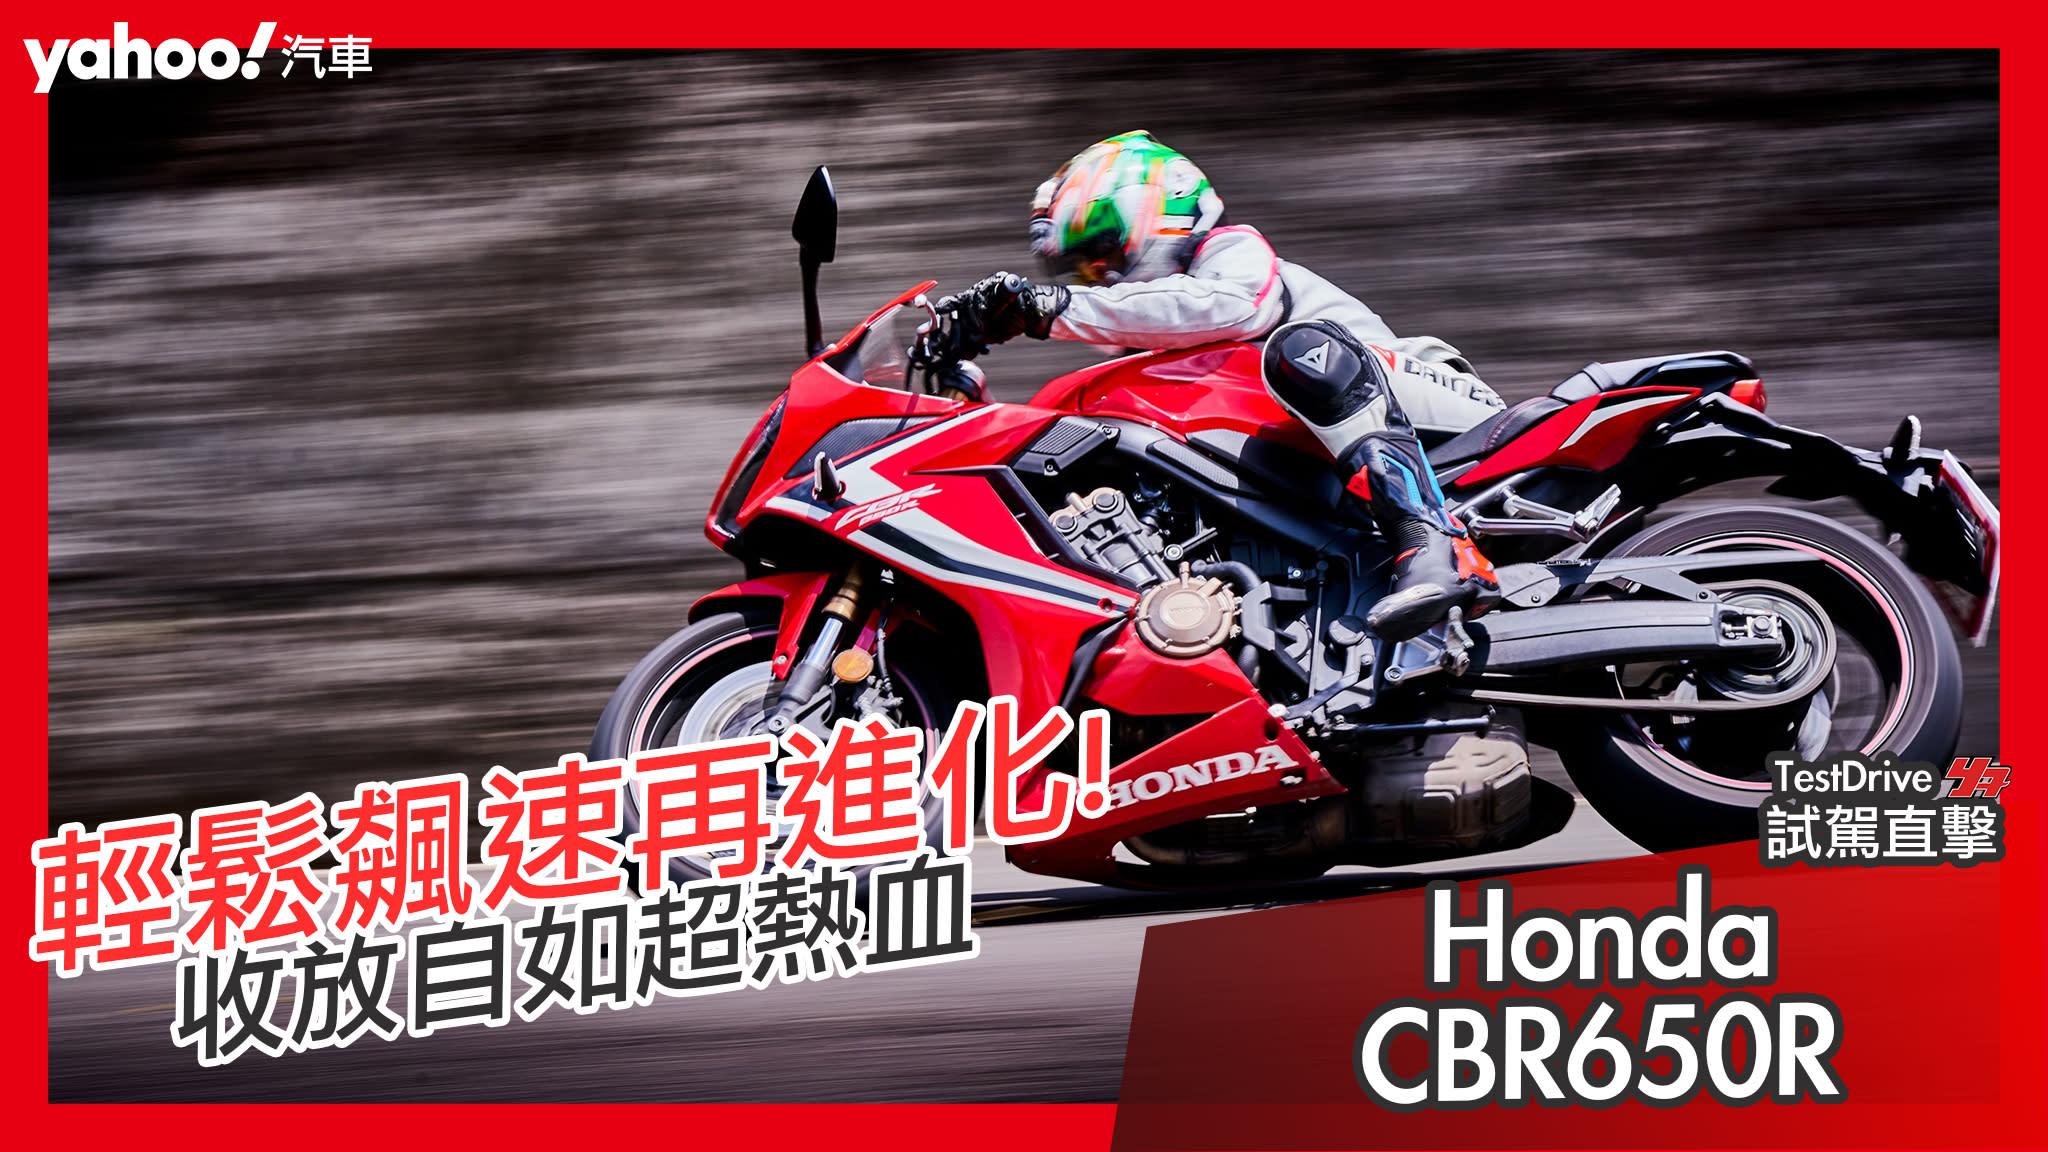 【試駕直擊】收放自如的親切「準」熱血仿賽!2020 Honda CBR650R新北市郊山區試駕!